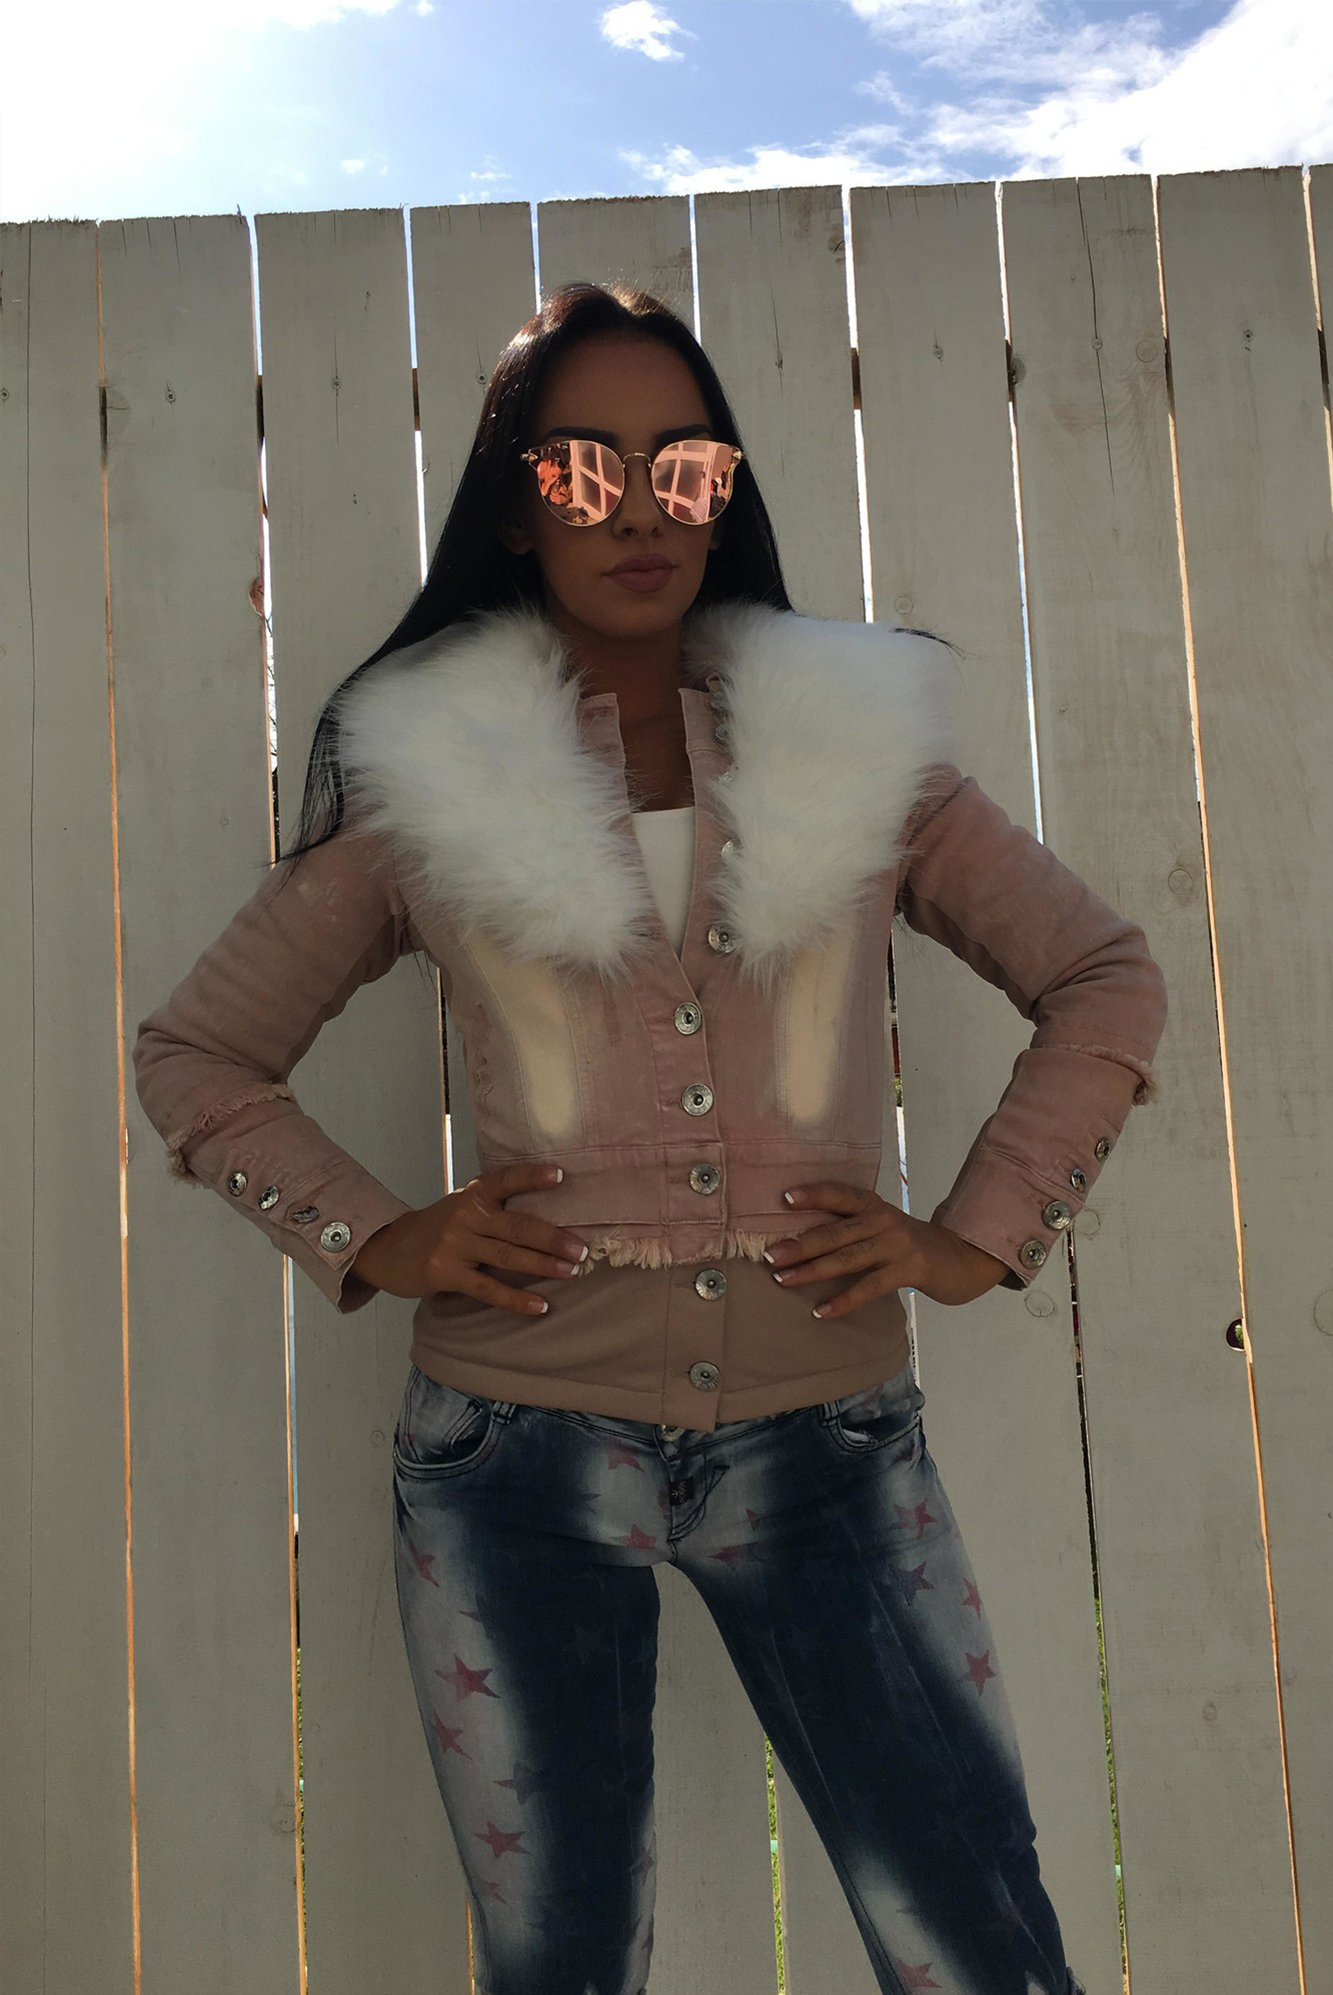 Dámska ružová riflová zateplená bunda Foggi s kožušinou - L odporúčame pre M